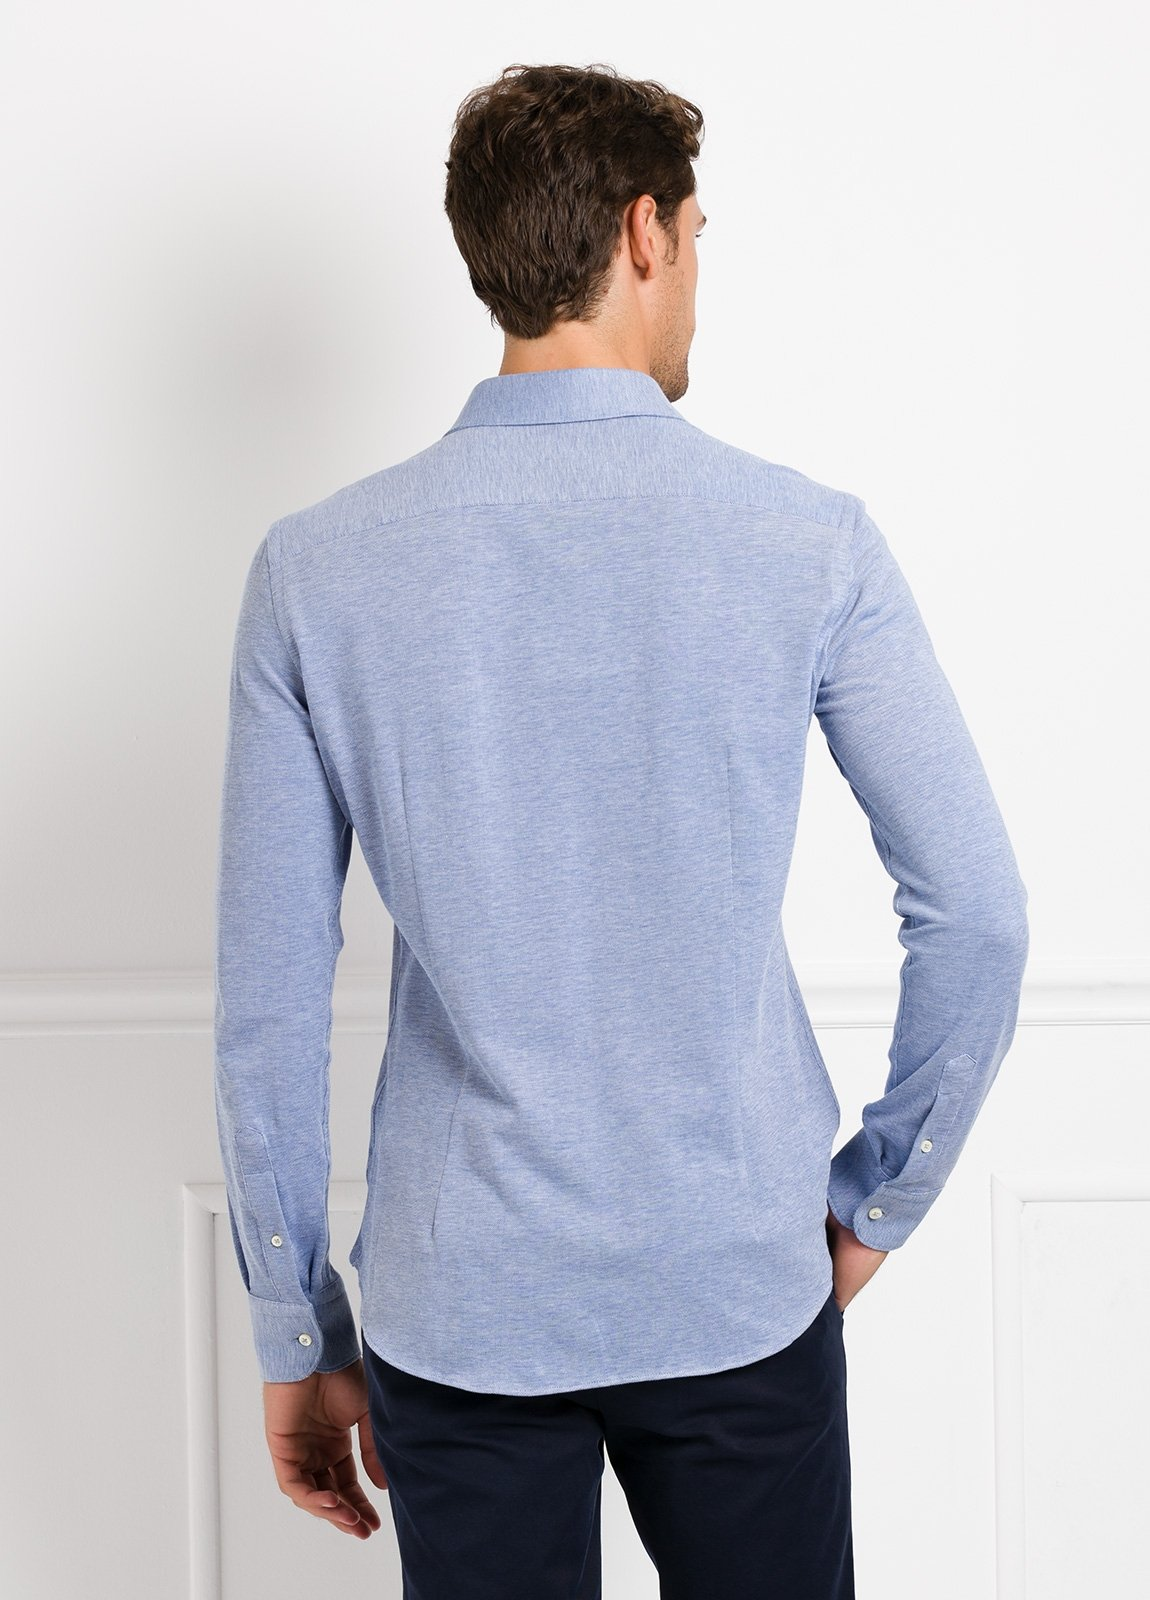 Camisa Leisure Wear SLIM FIT Modelo CAPRI tejido micro textura color azul celeste, 100% Algodón - Ítem1